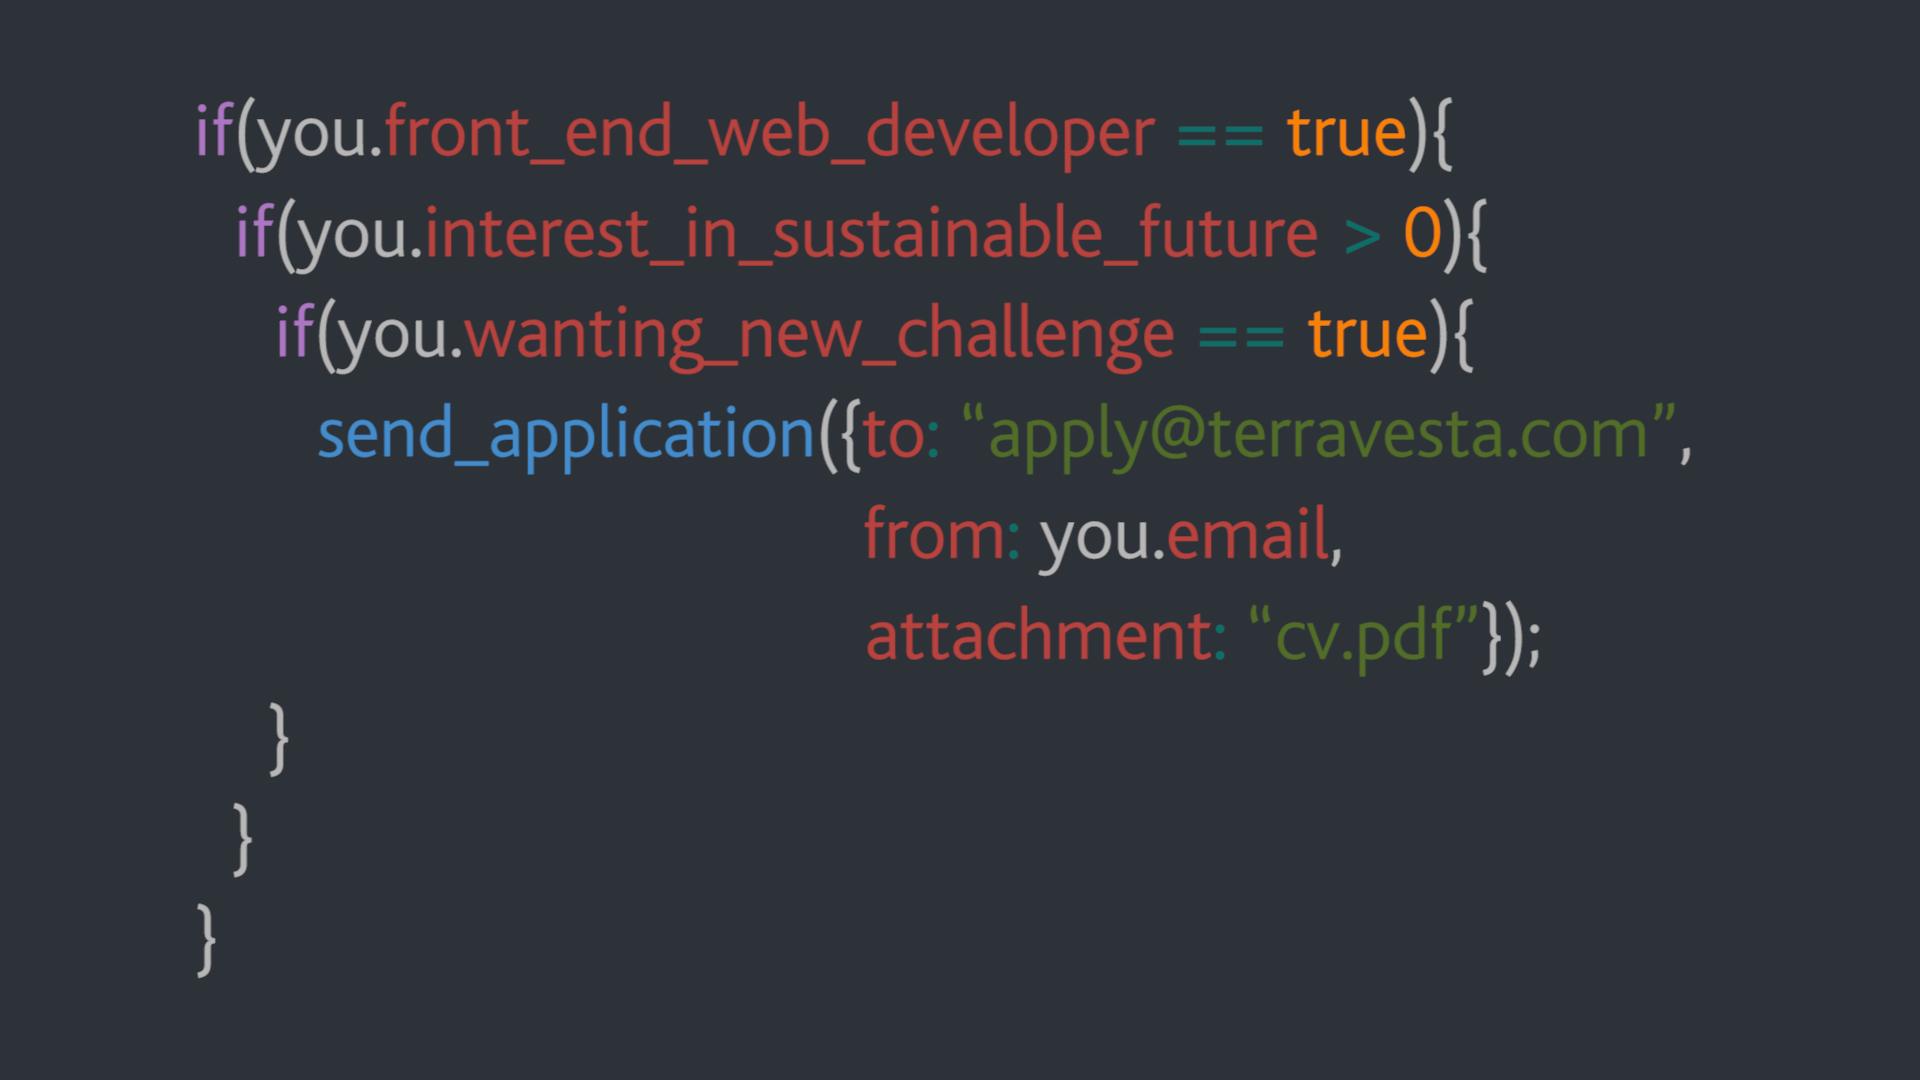 Coded Job description